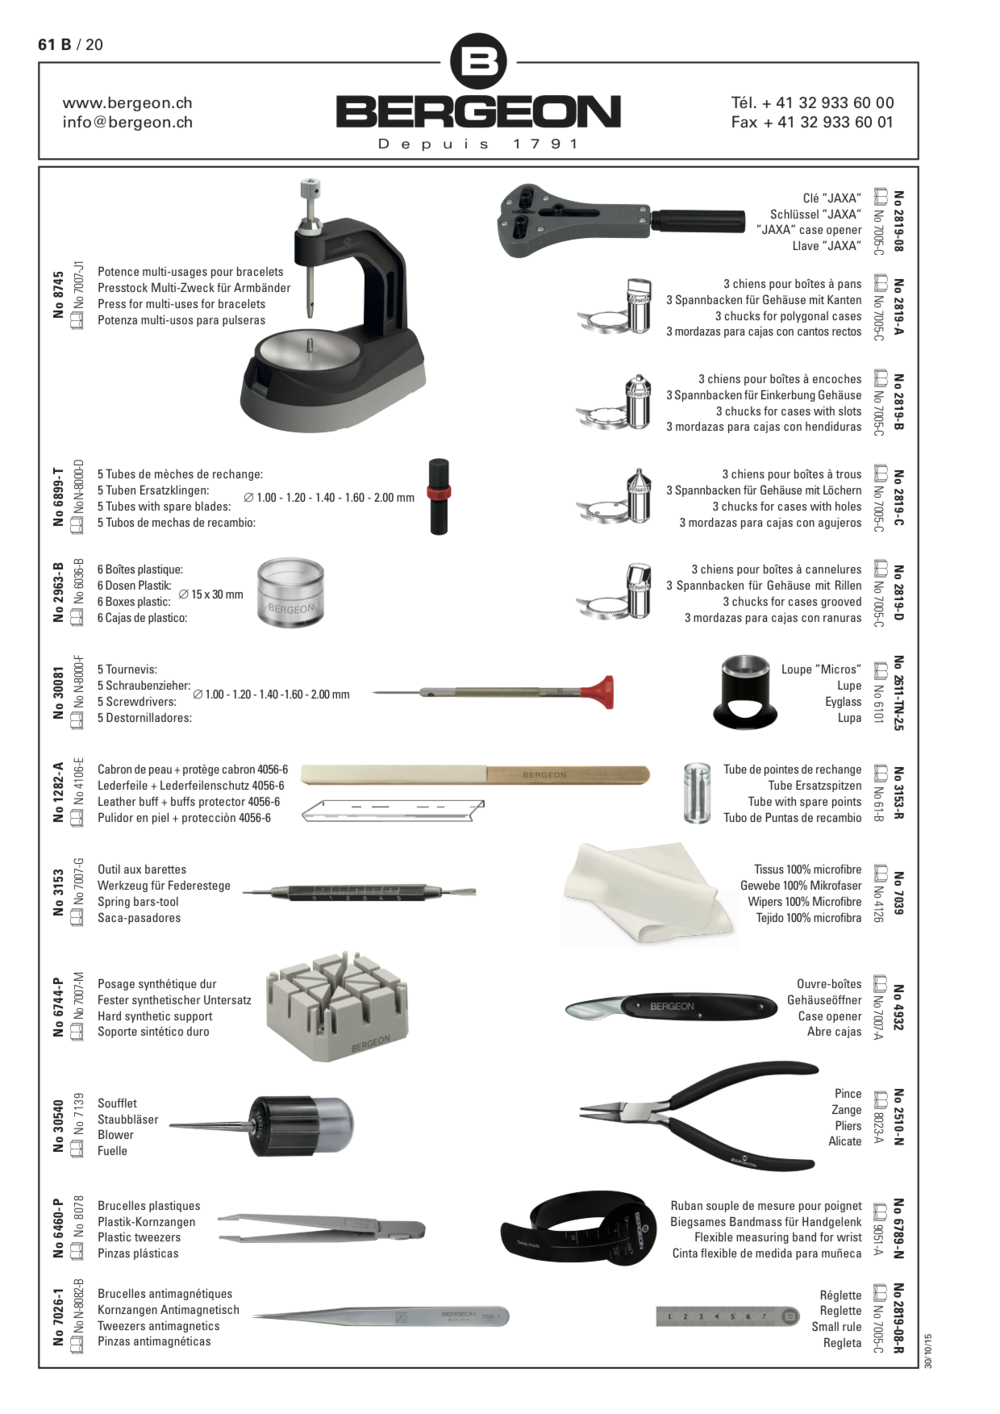 Quick service tool case - Ref. 7812